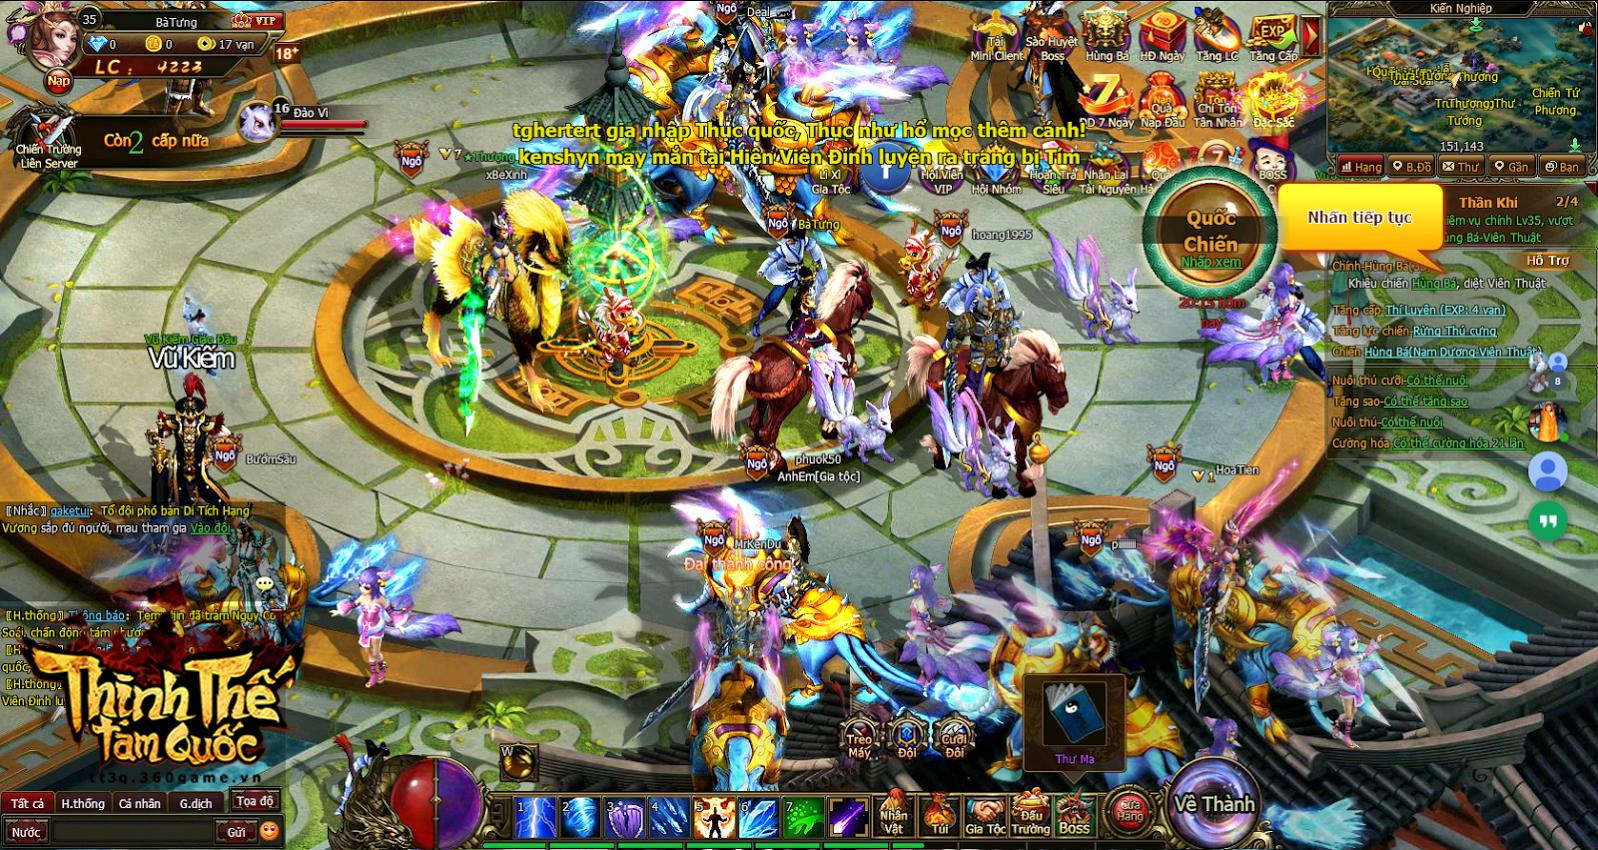 Bà Tưng cũng lần mò chơi webgame Thịnh Thế Tam Quốc 3